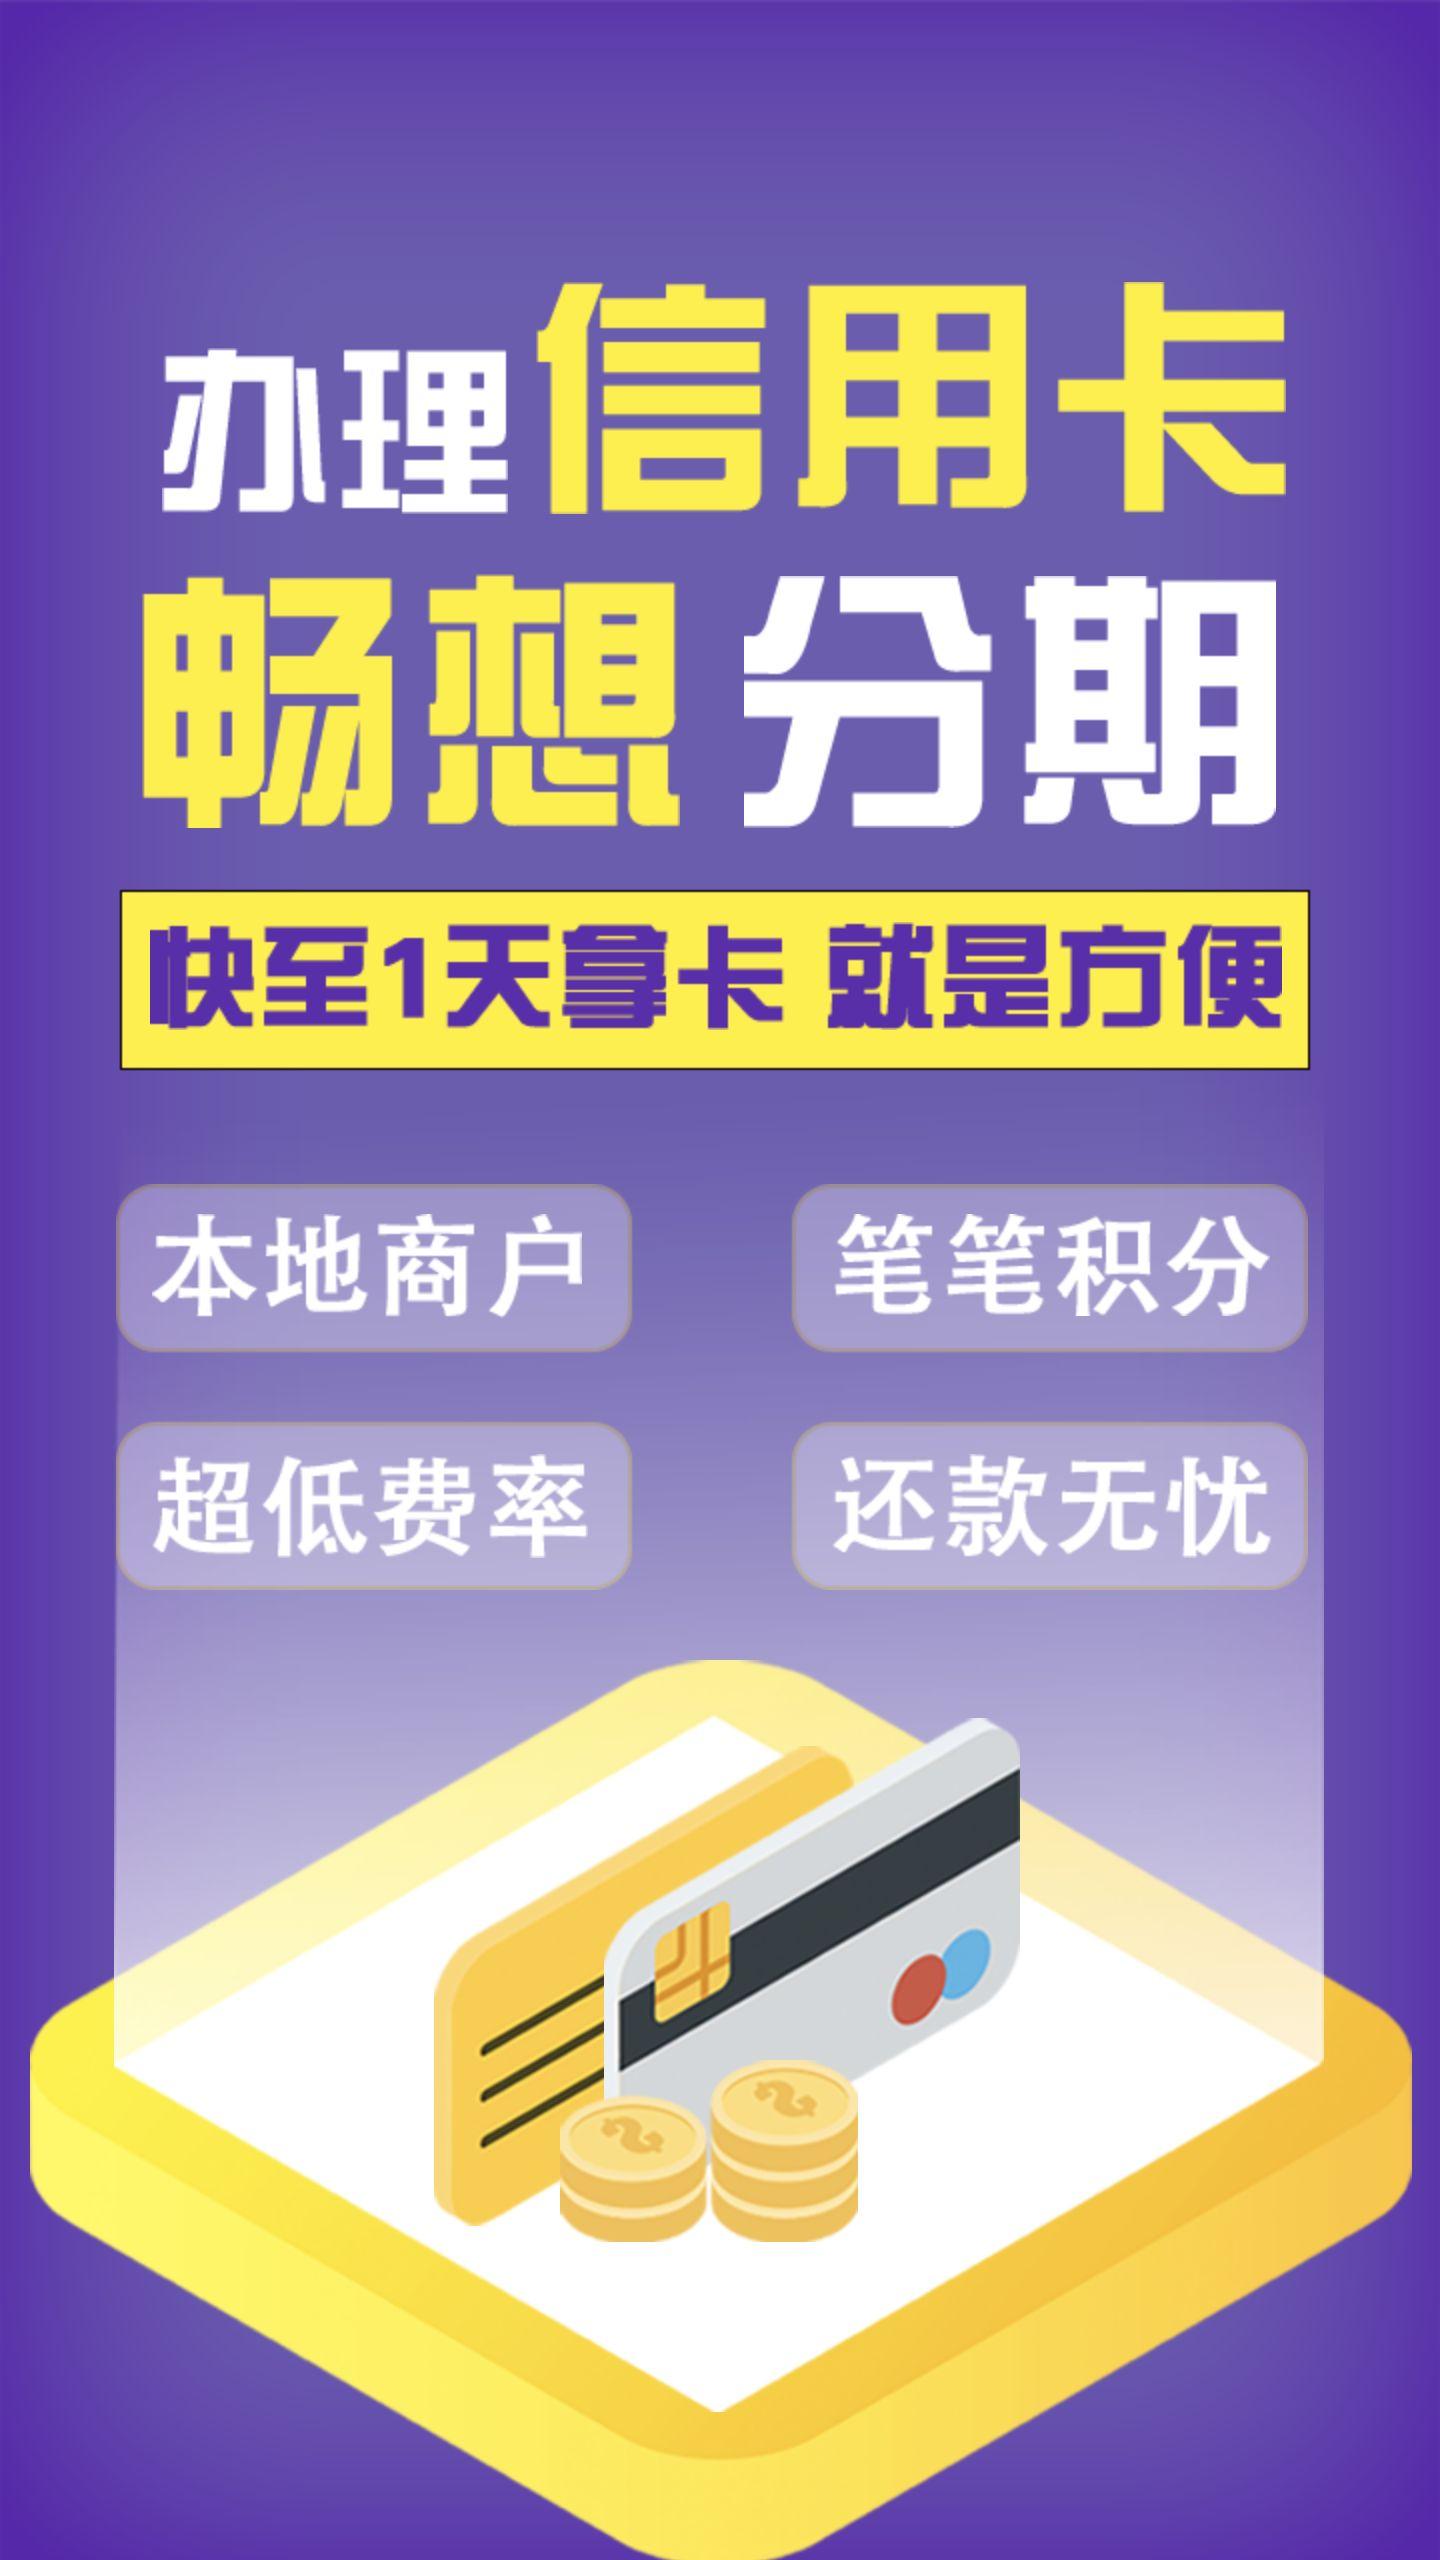 办理信用卡紫色宣传海报